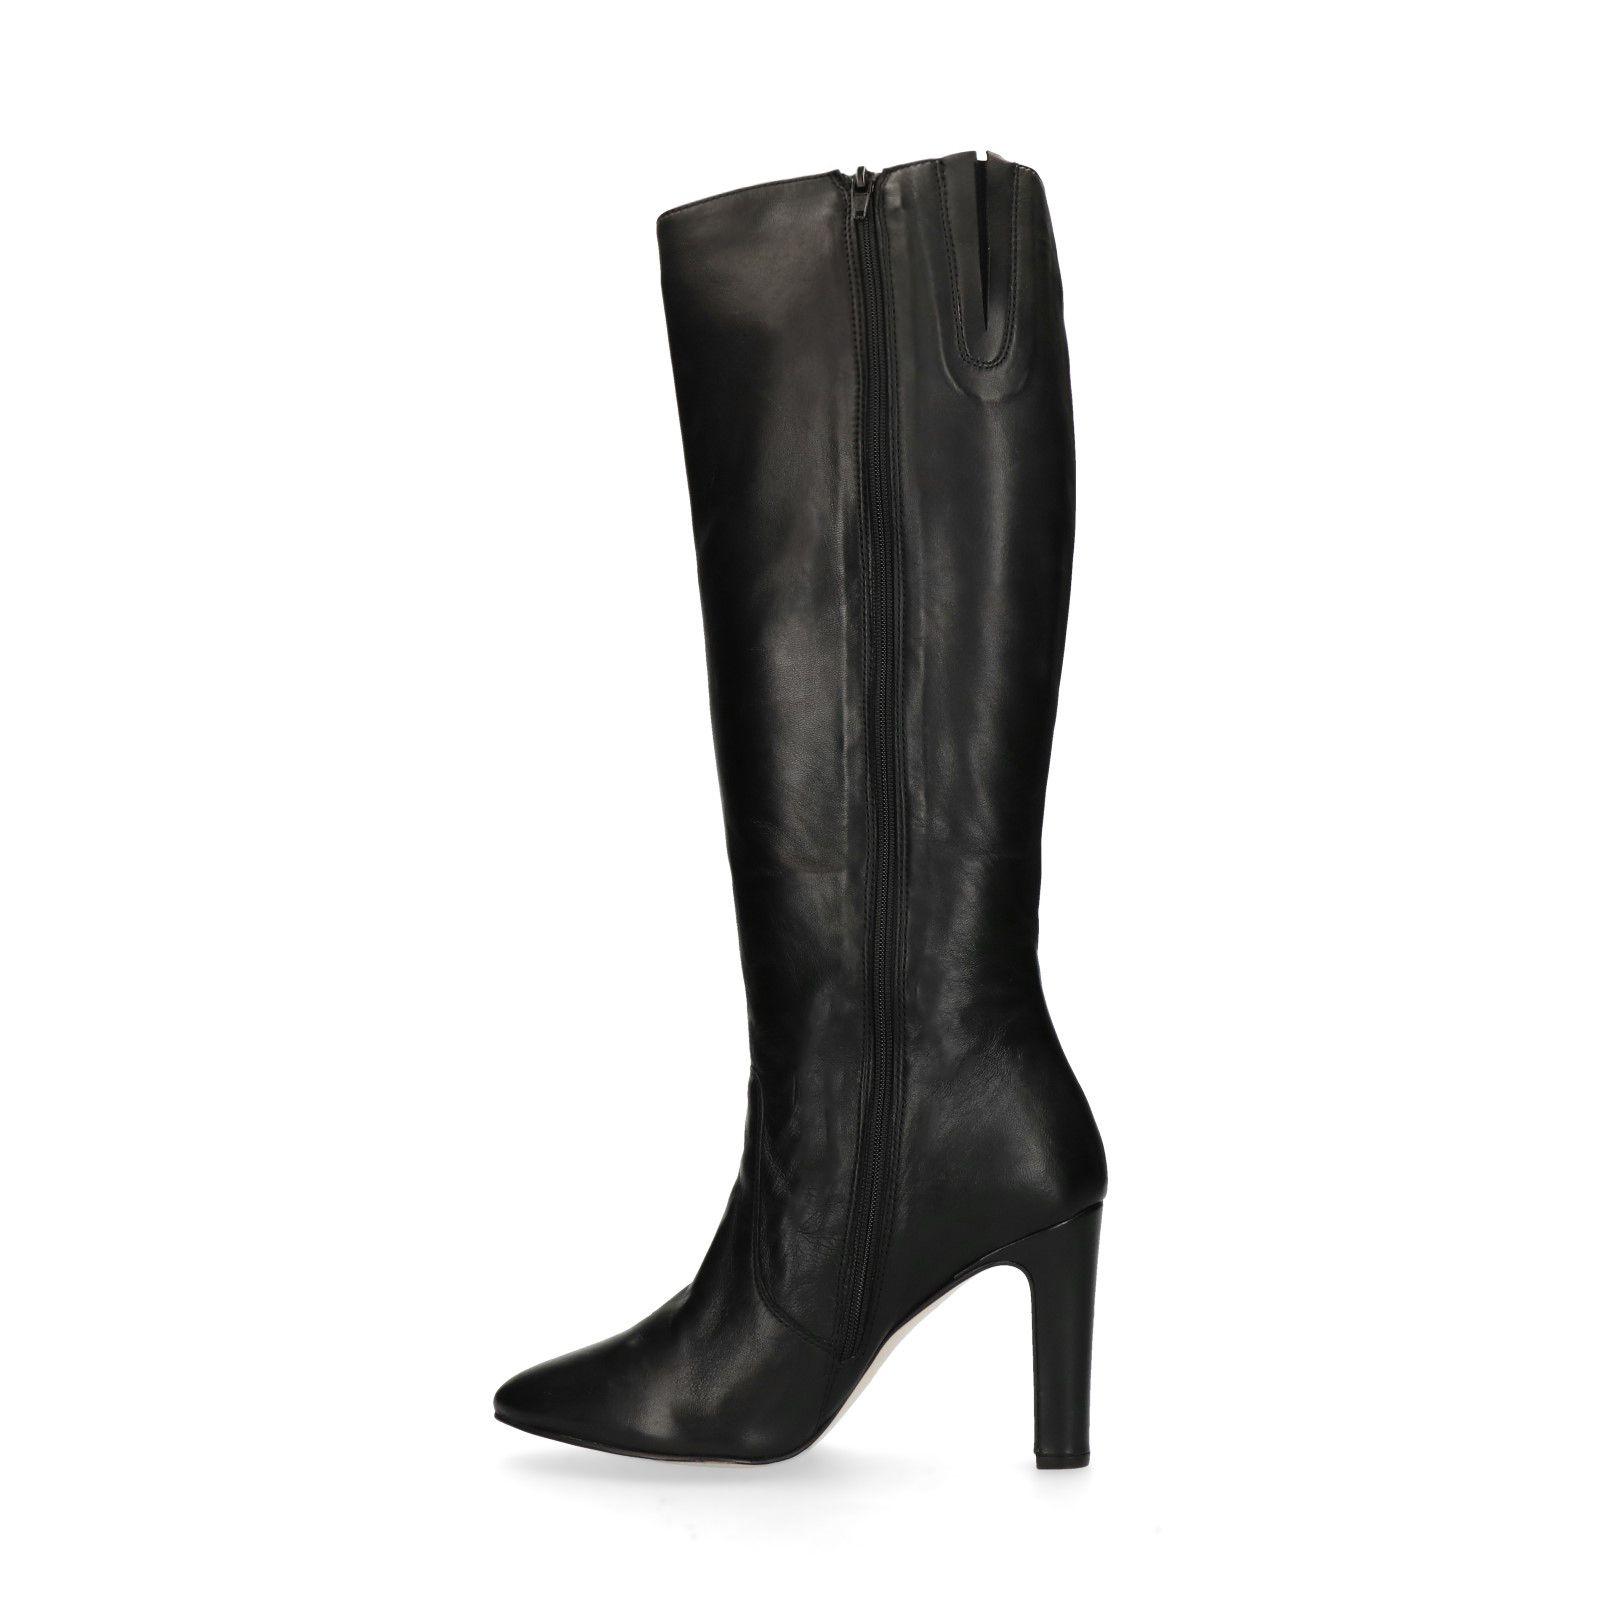 Leren hoge laarzen met hak Dames | MANFIELD